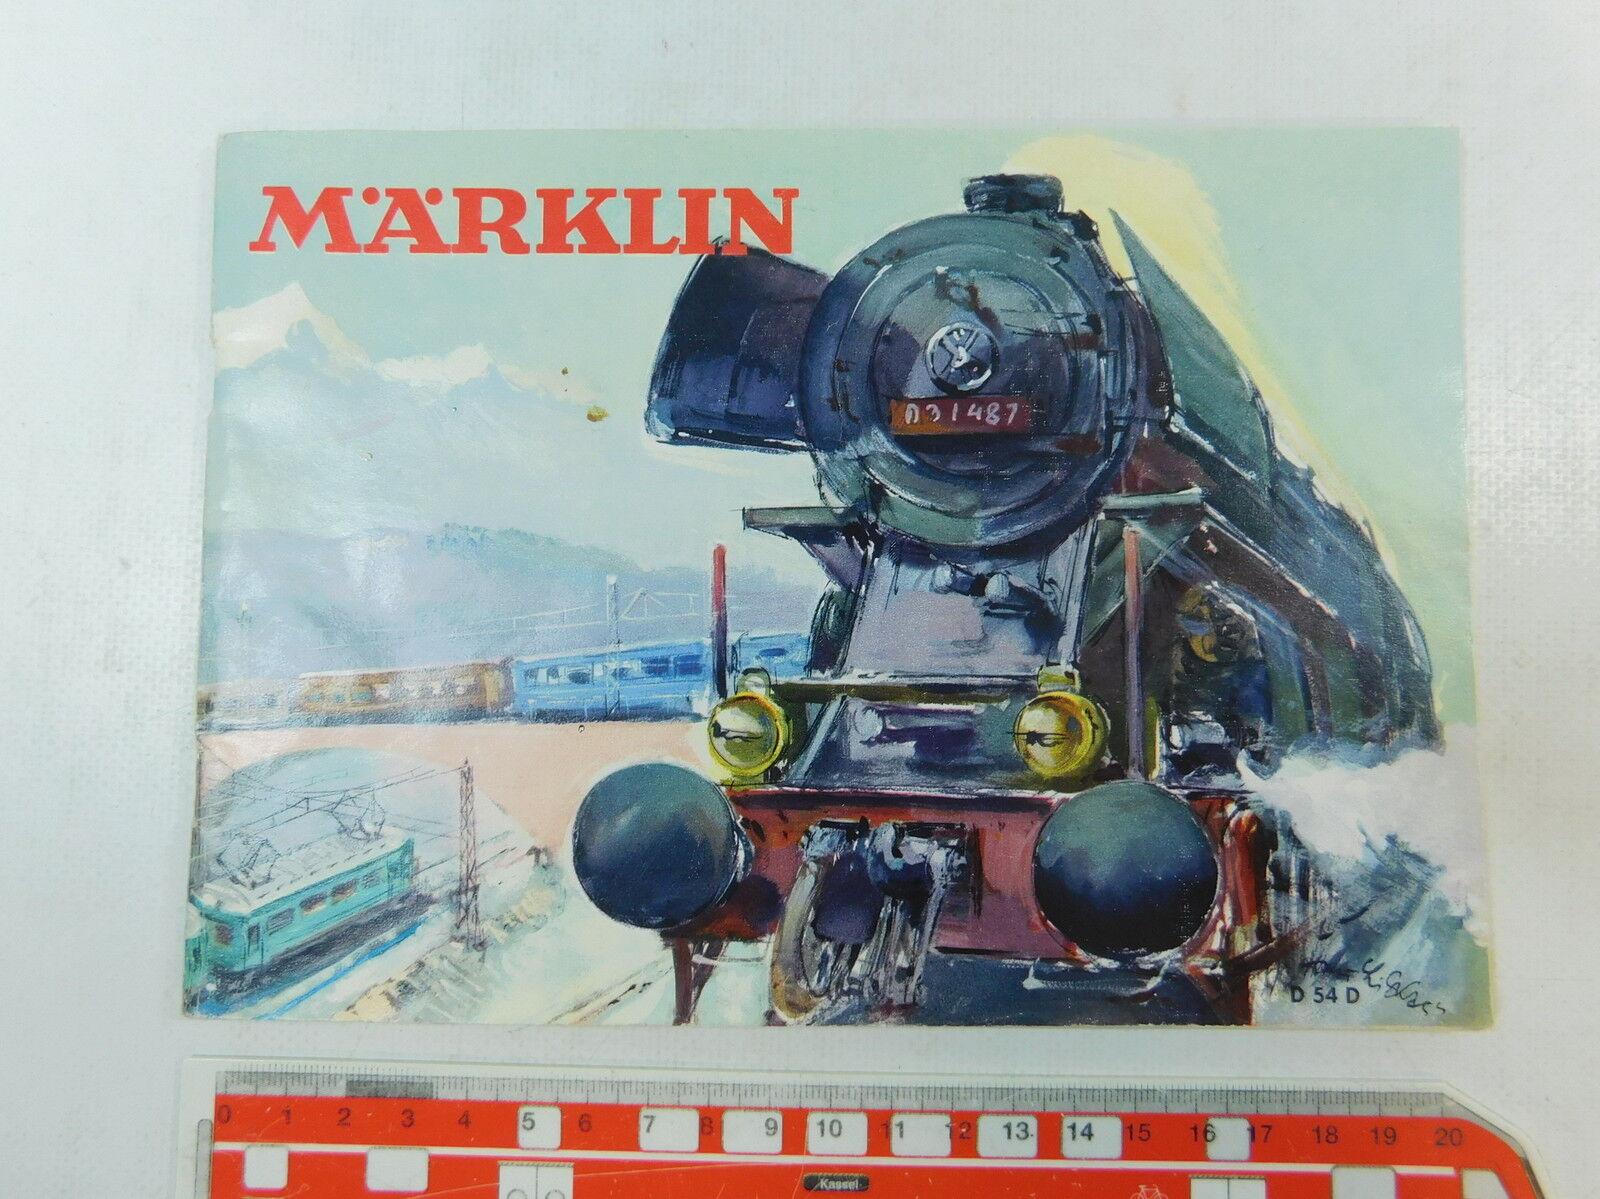 Av335-0,5    /MARKLIN CATALOGO D 54 D  senza BUONO ACQUISTO